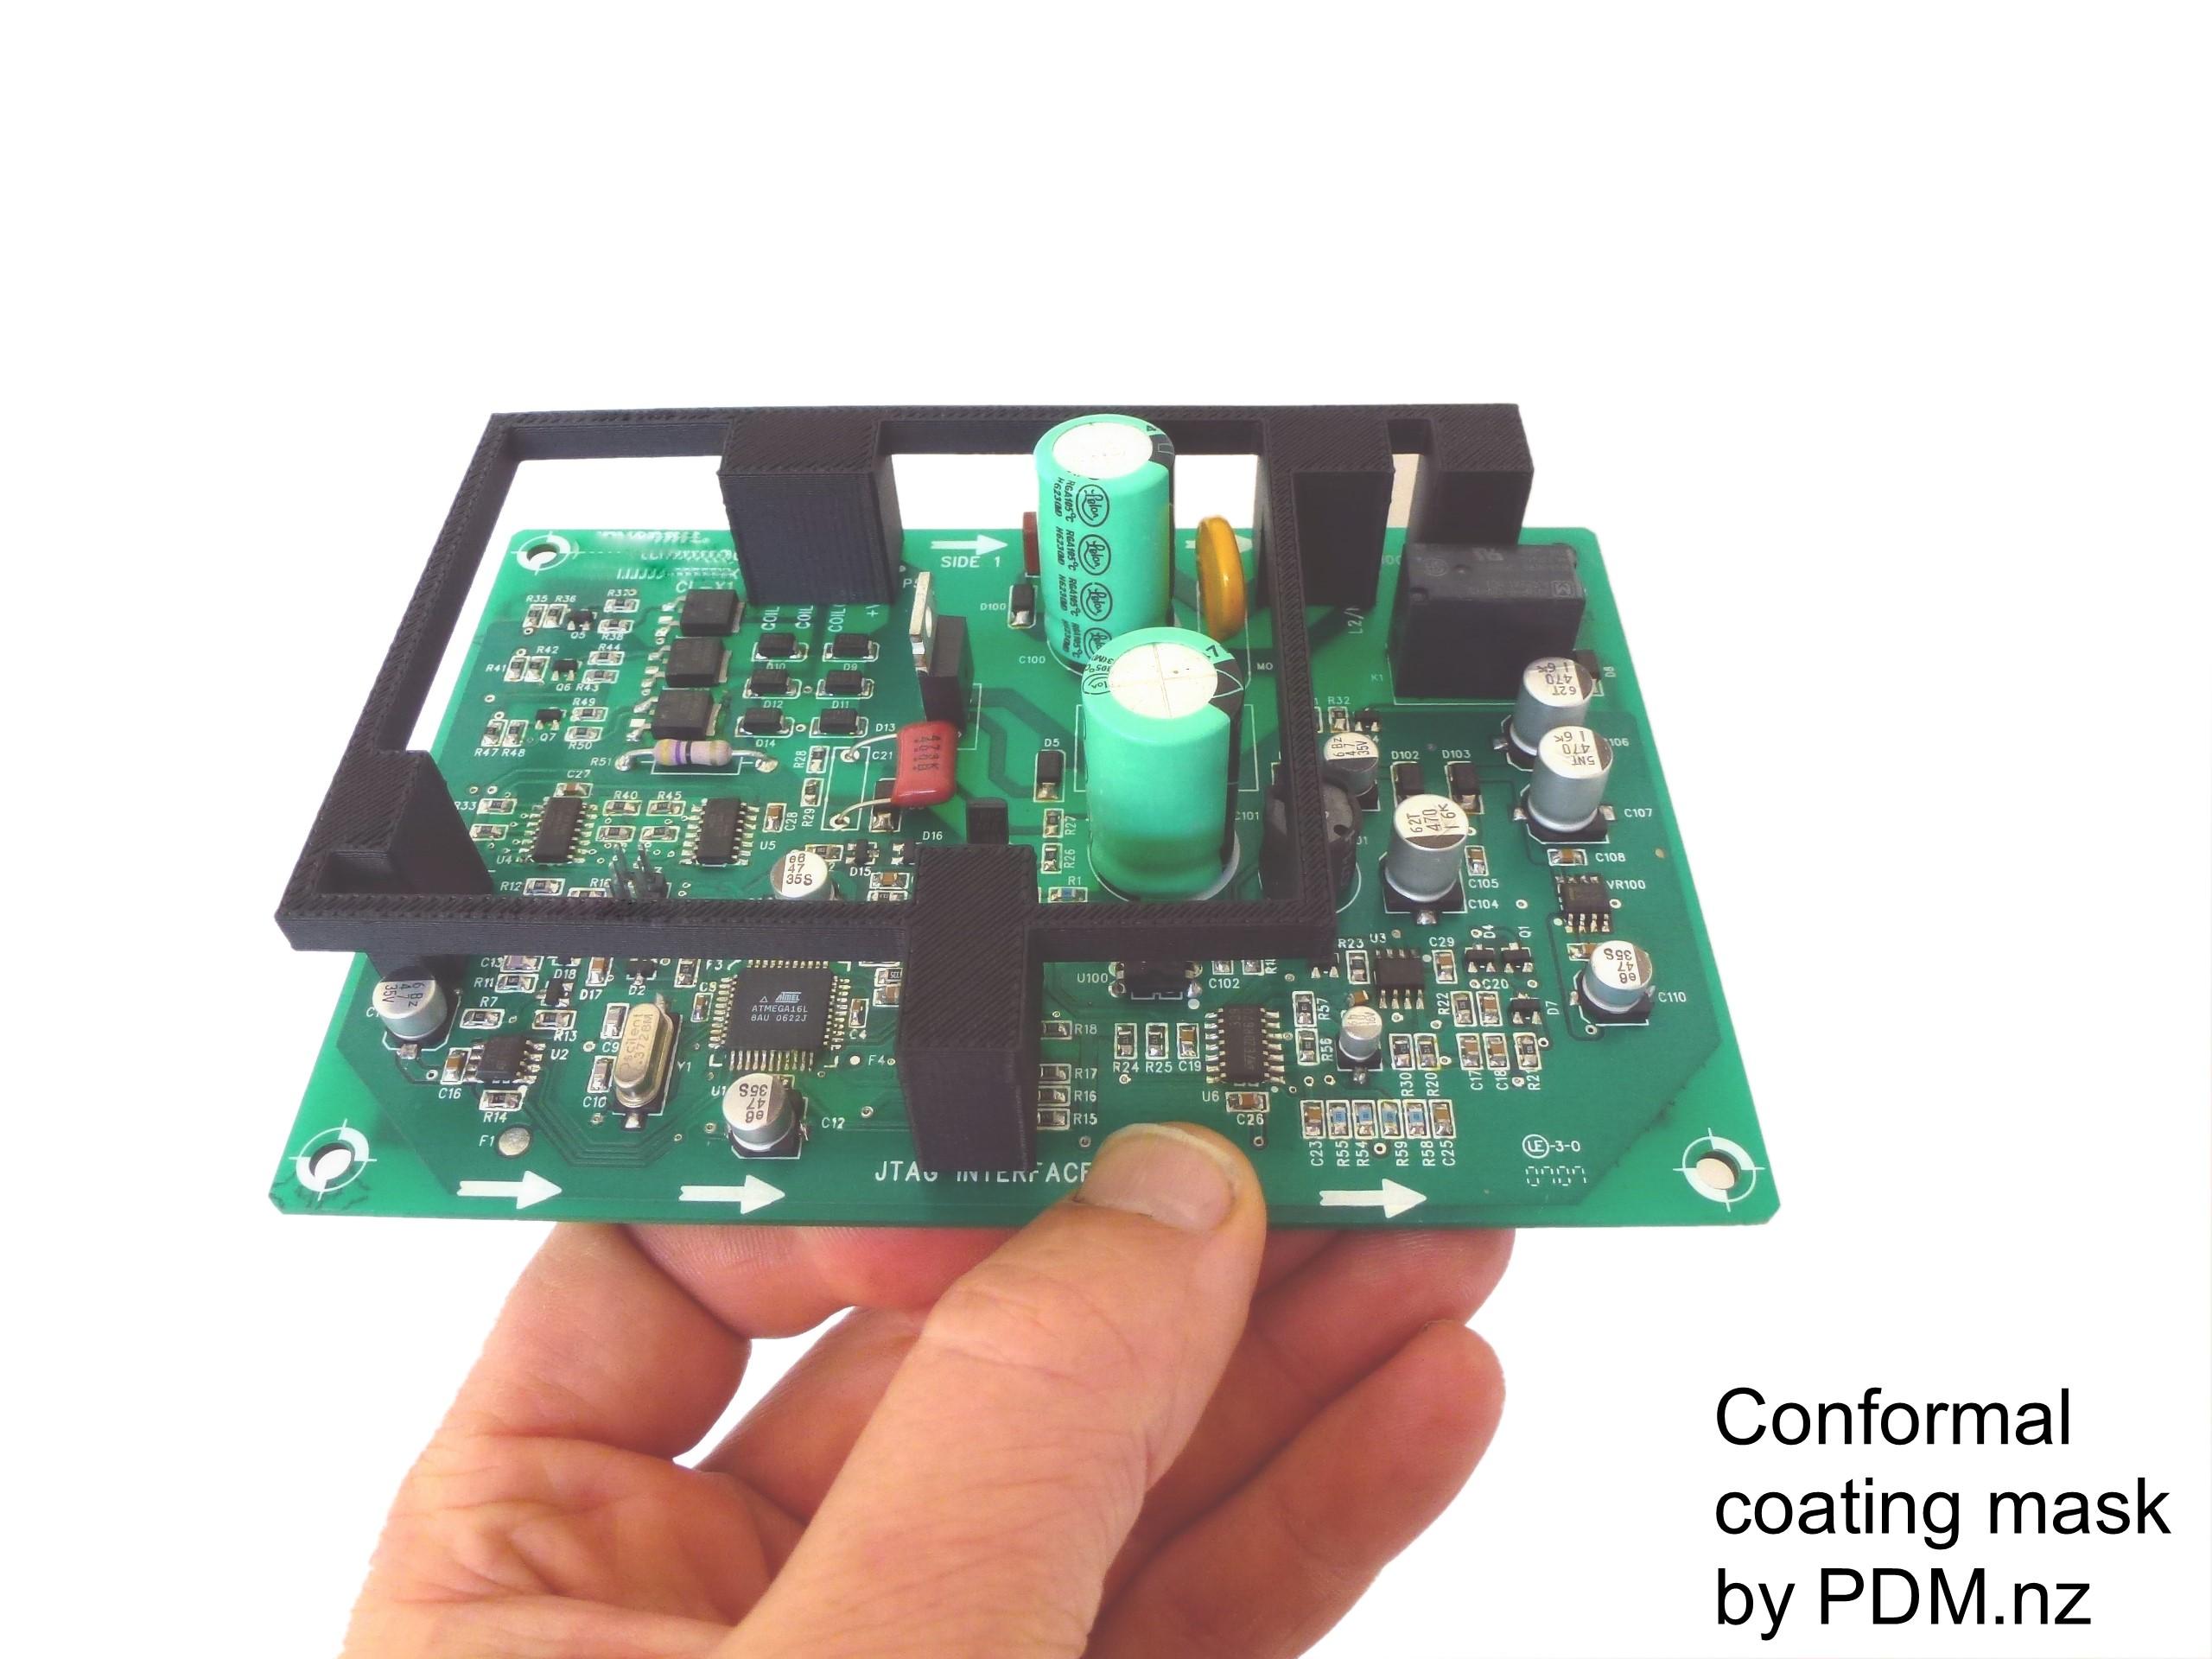 conformal-coating-mask-3d-printed